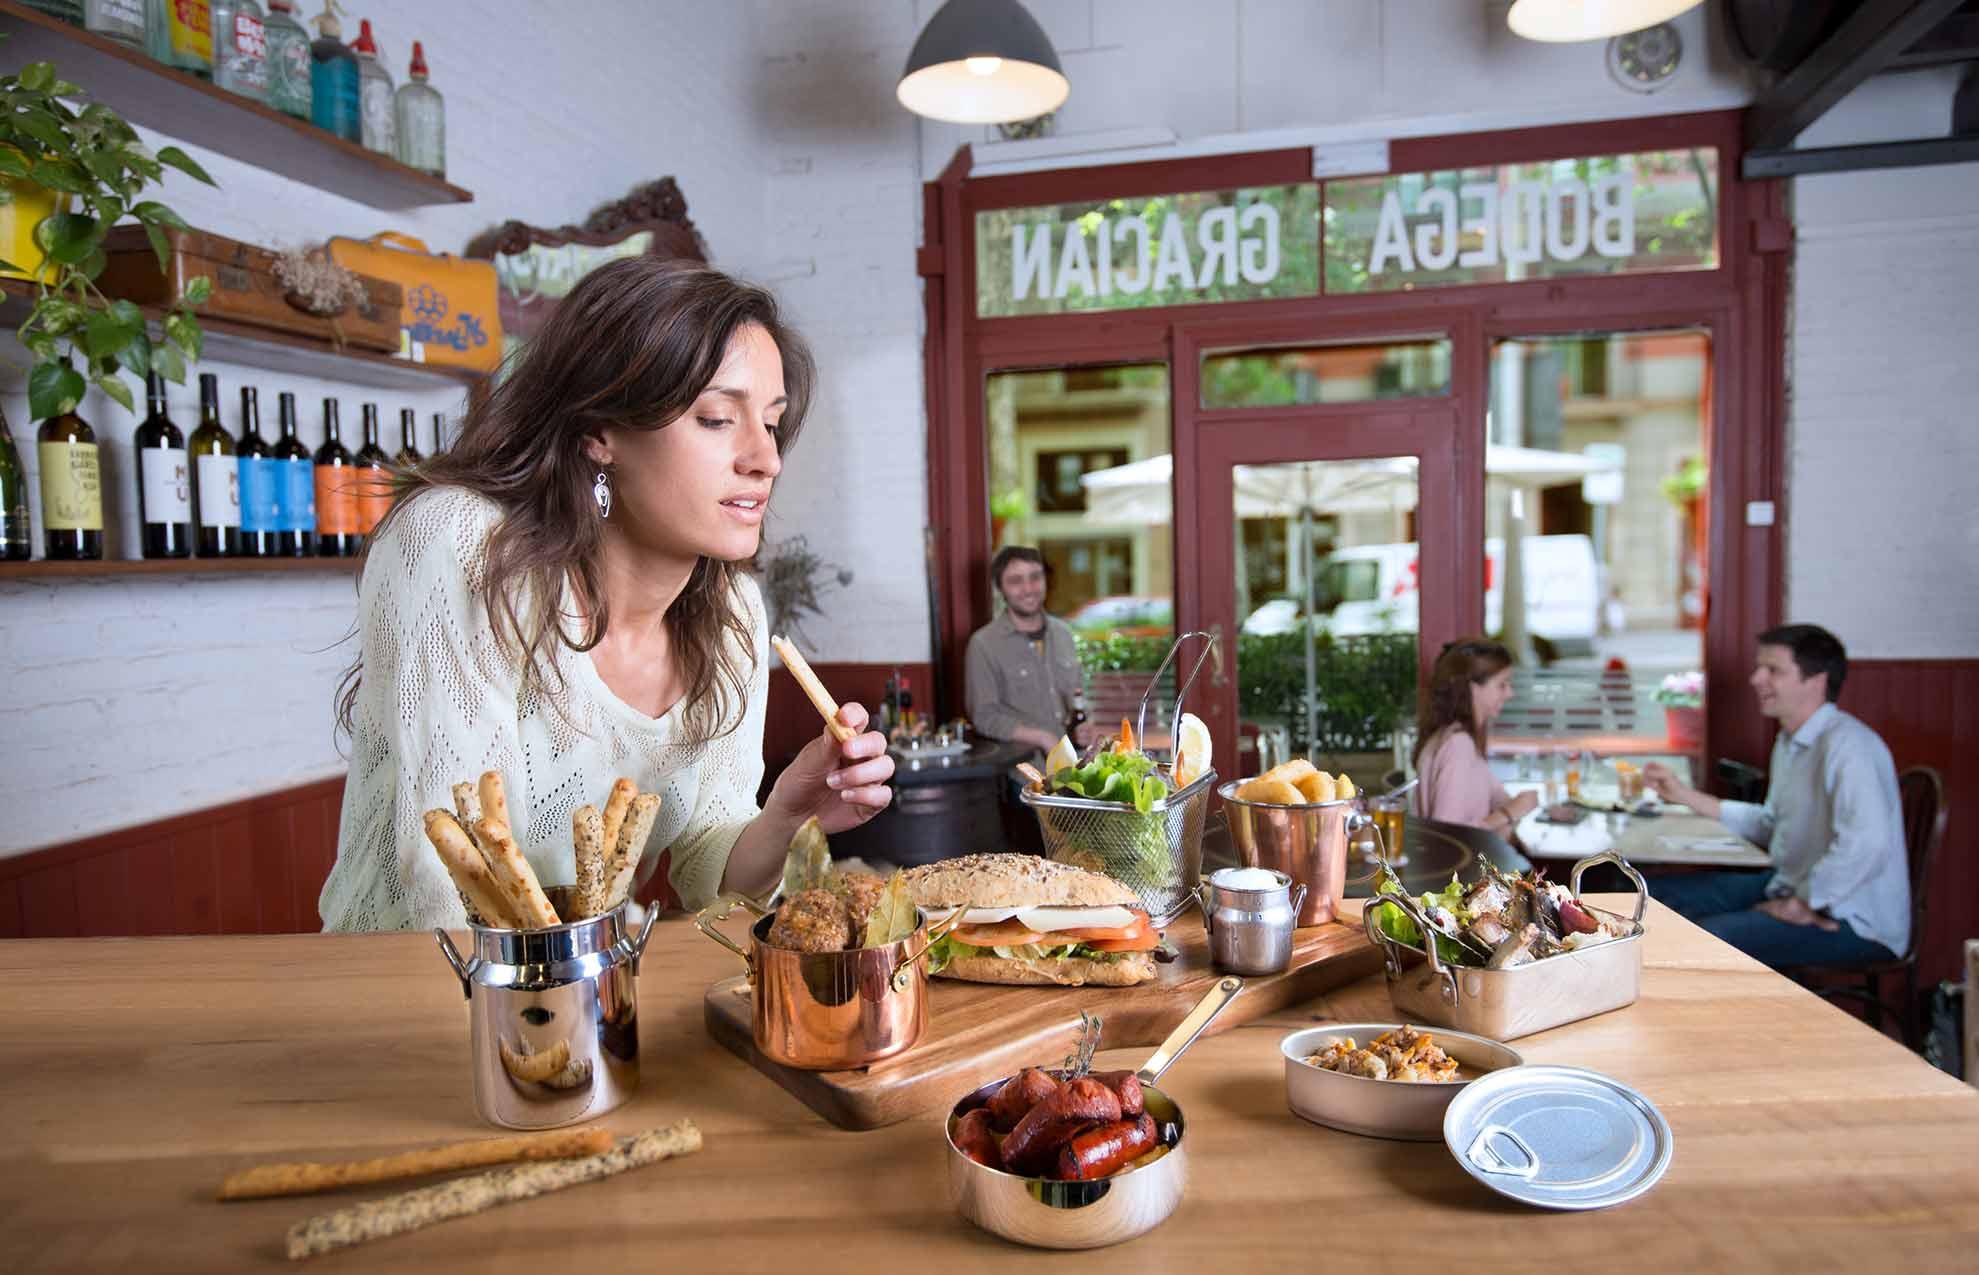 storytelling photography horeca sector - ¿Aún no conoces la importancia del storytelling en el sector horeca?